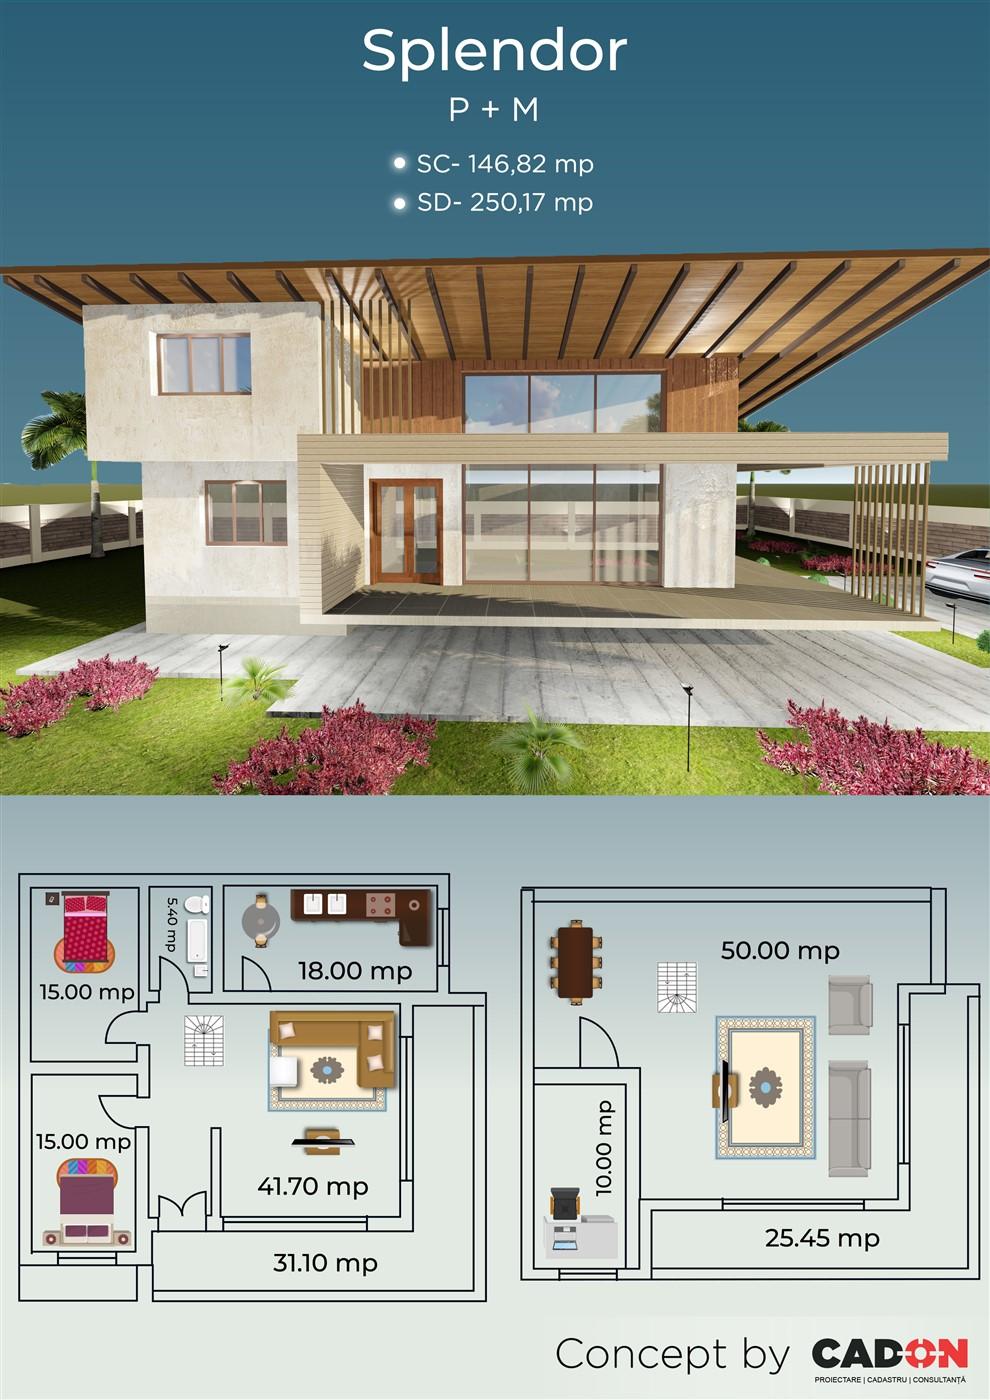 Model prezentare Splendor site